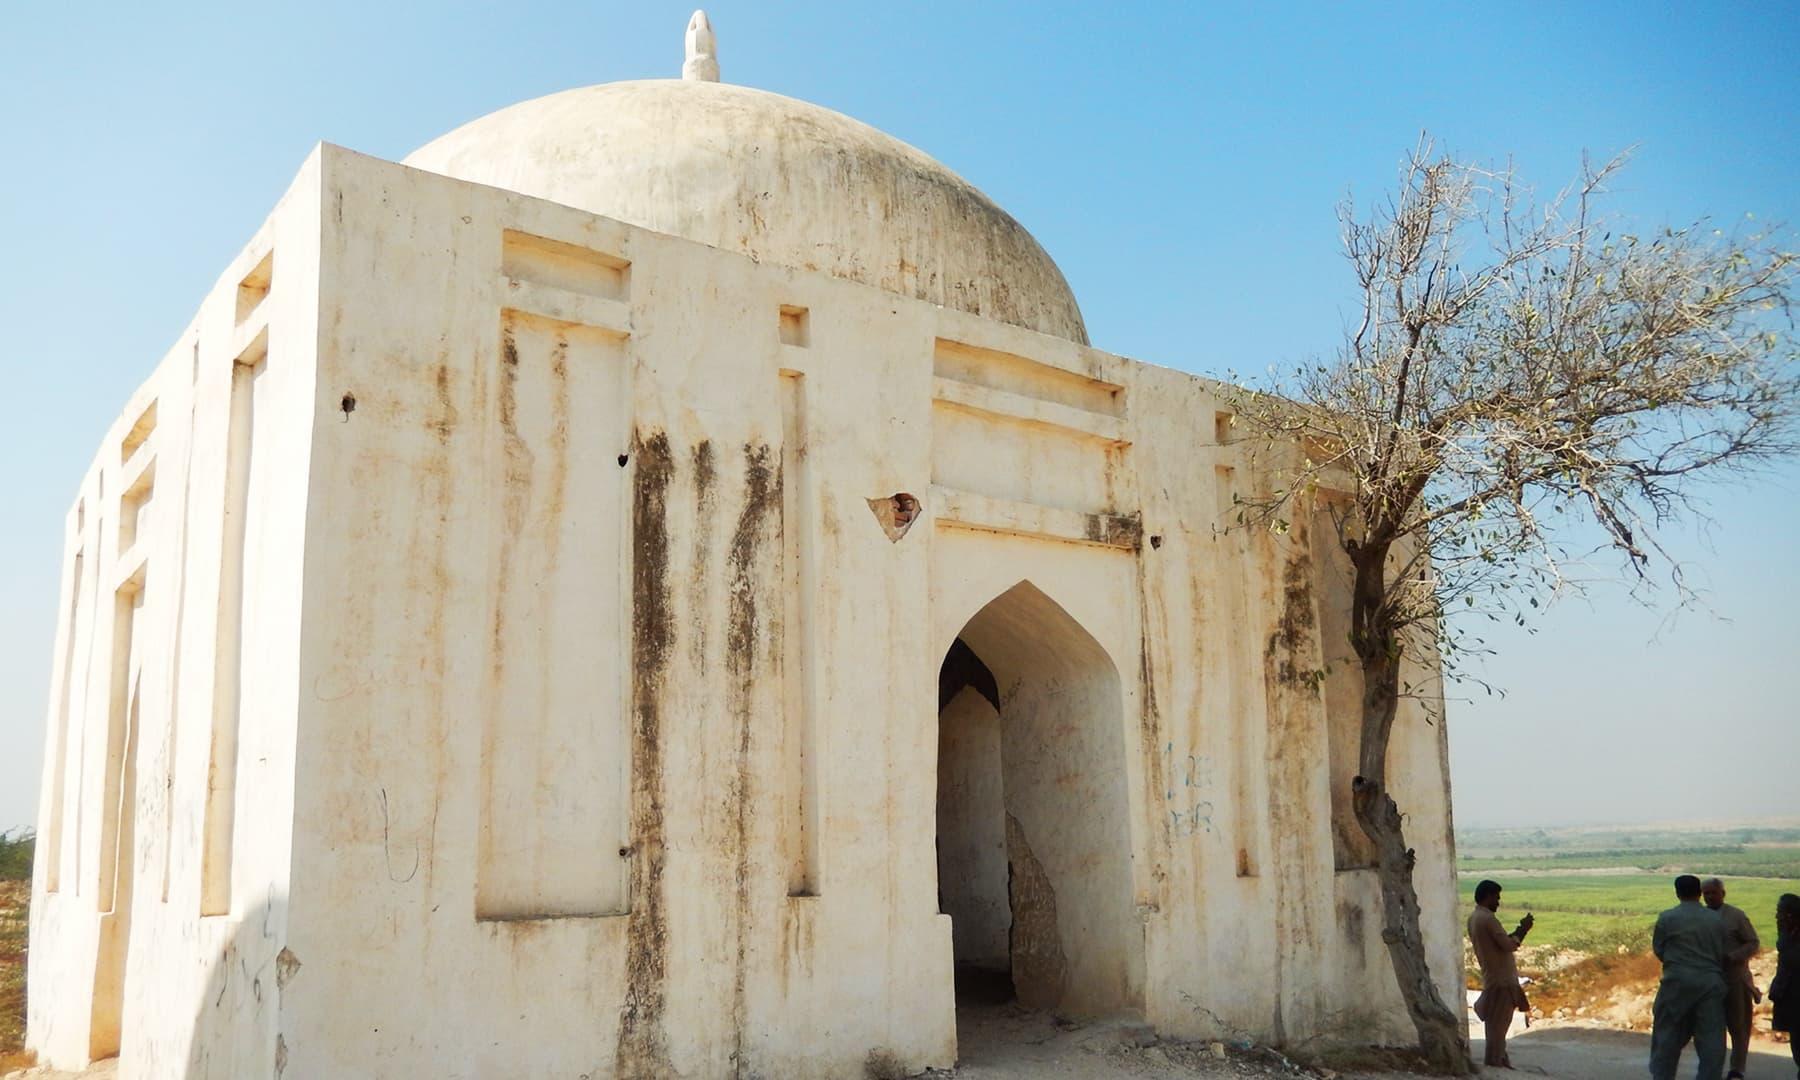 وادی میں موجود ایک قدیم مقبرہ — تصویر ابوبکر شیخ